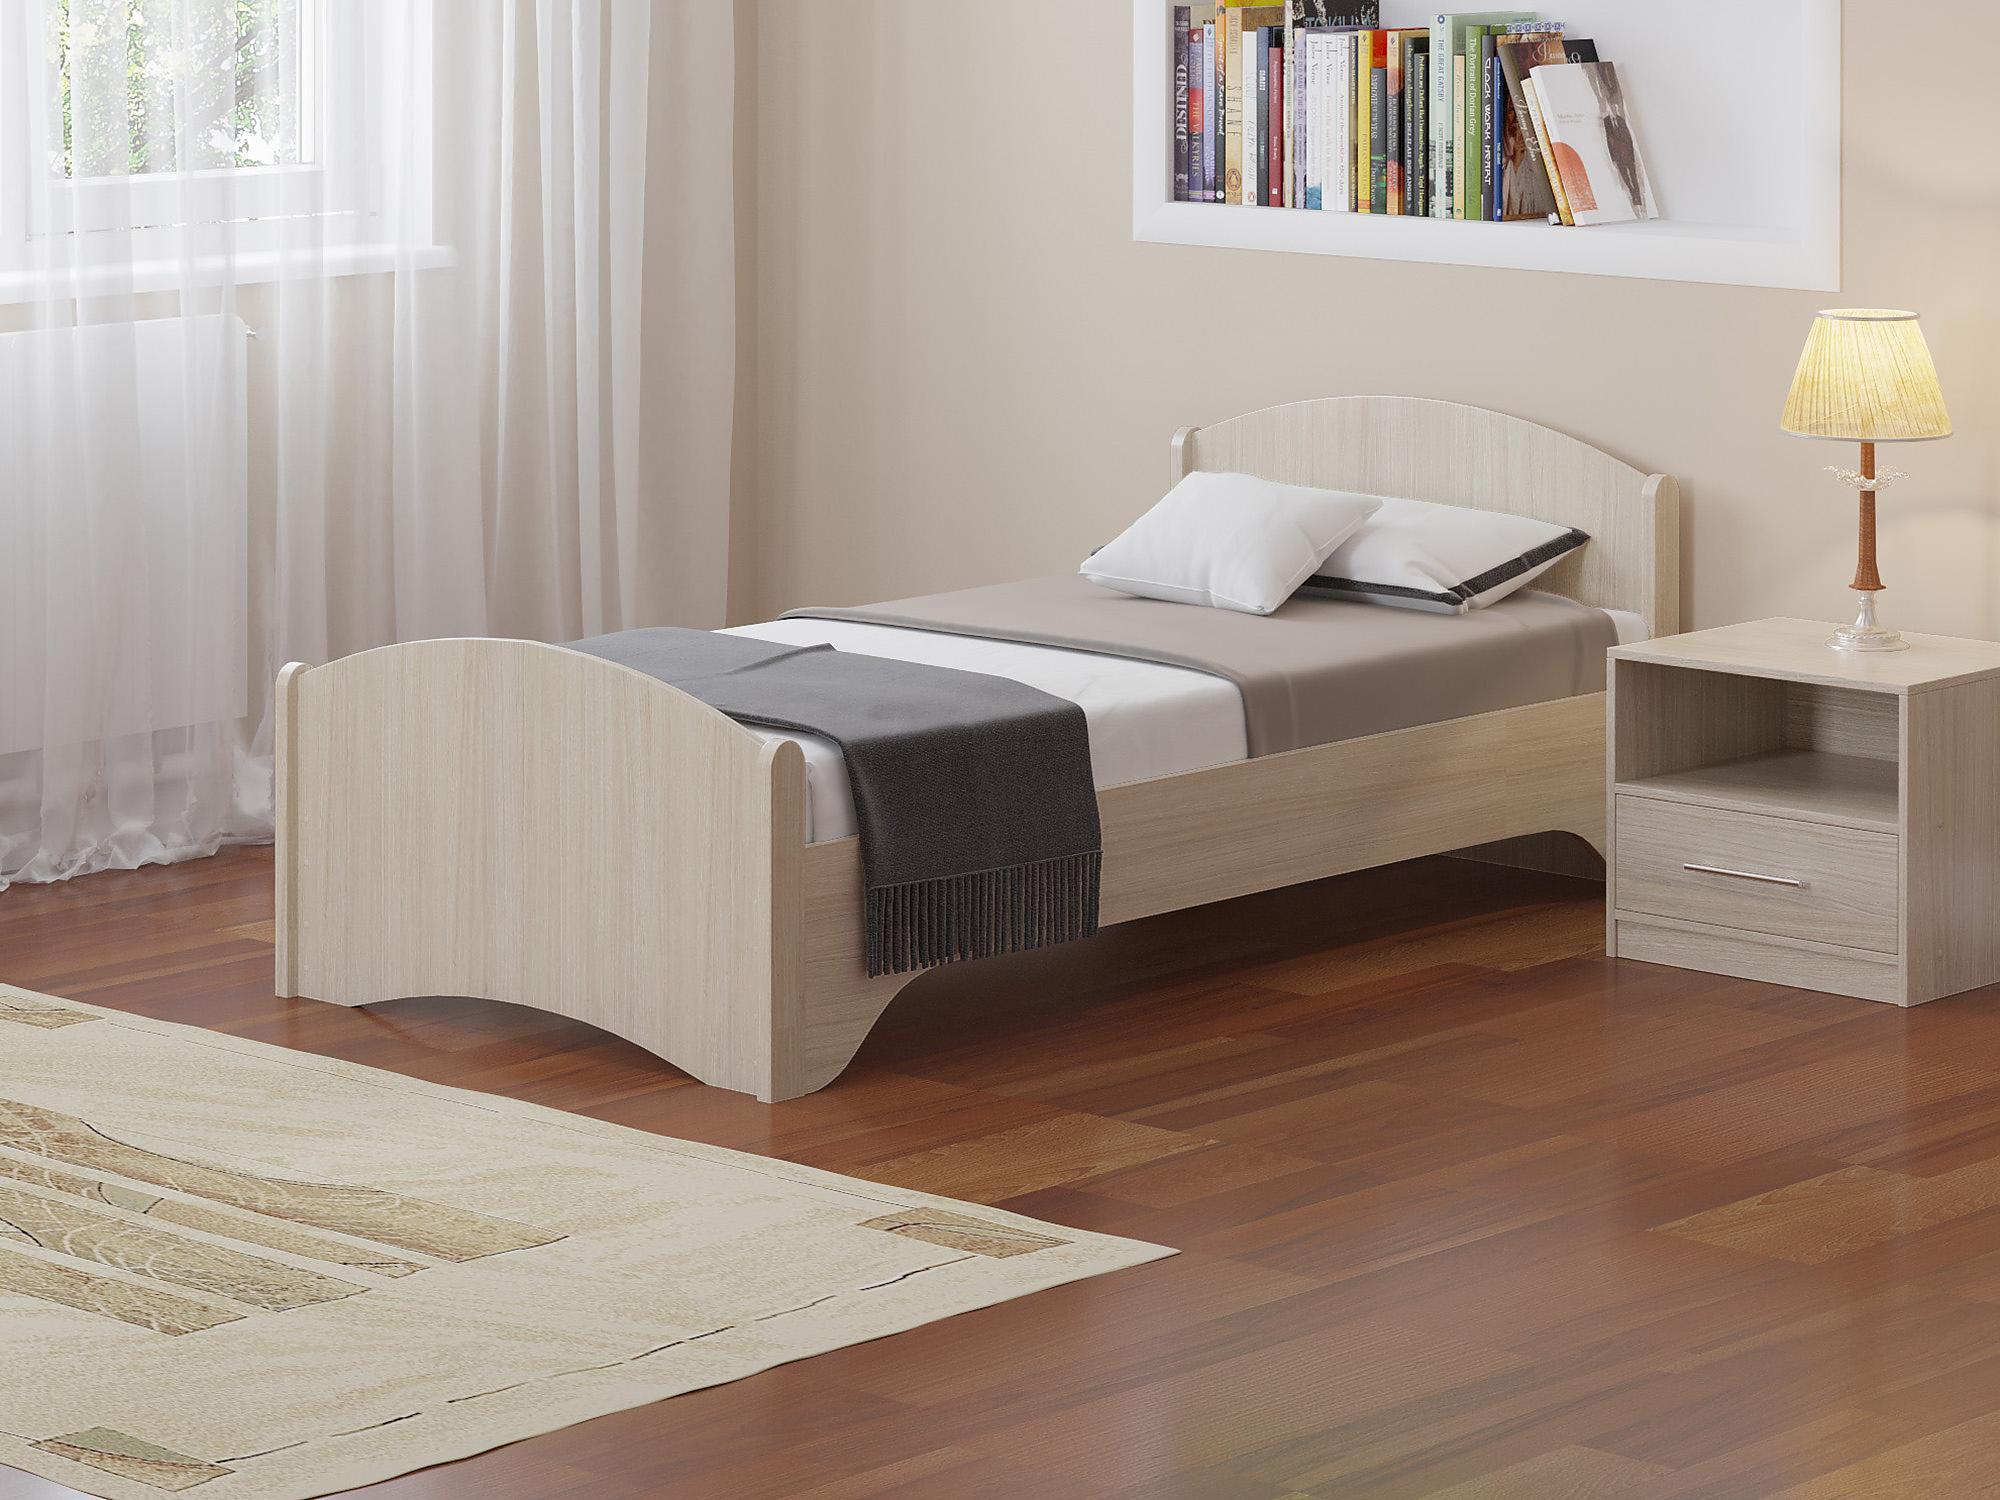 Как выбрать кровать в спальню?